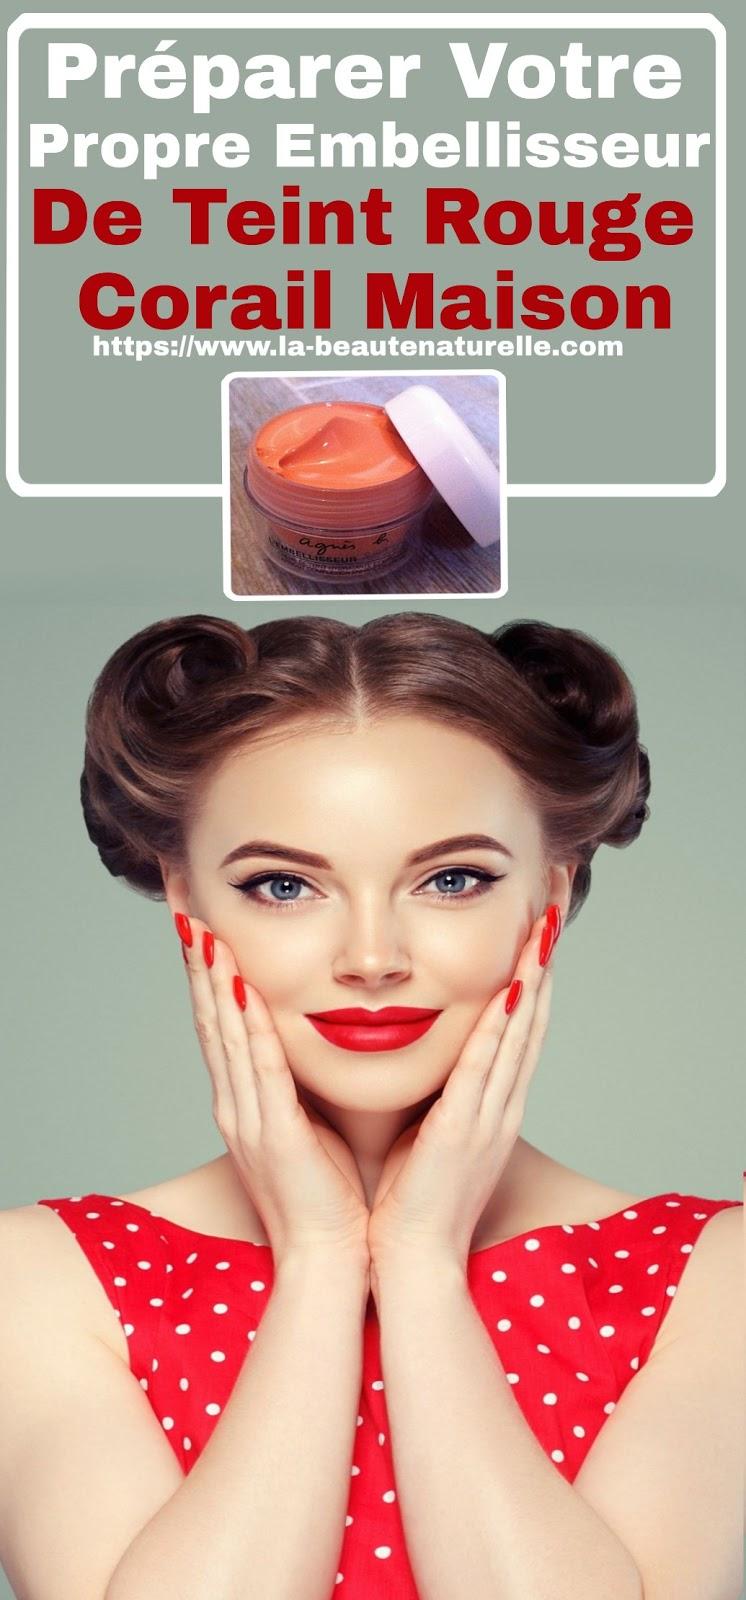 Préparer Votre Propre Embellisseur De Teint Rouge Corail Maison